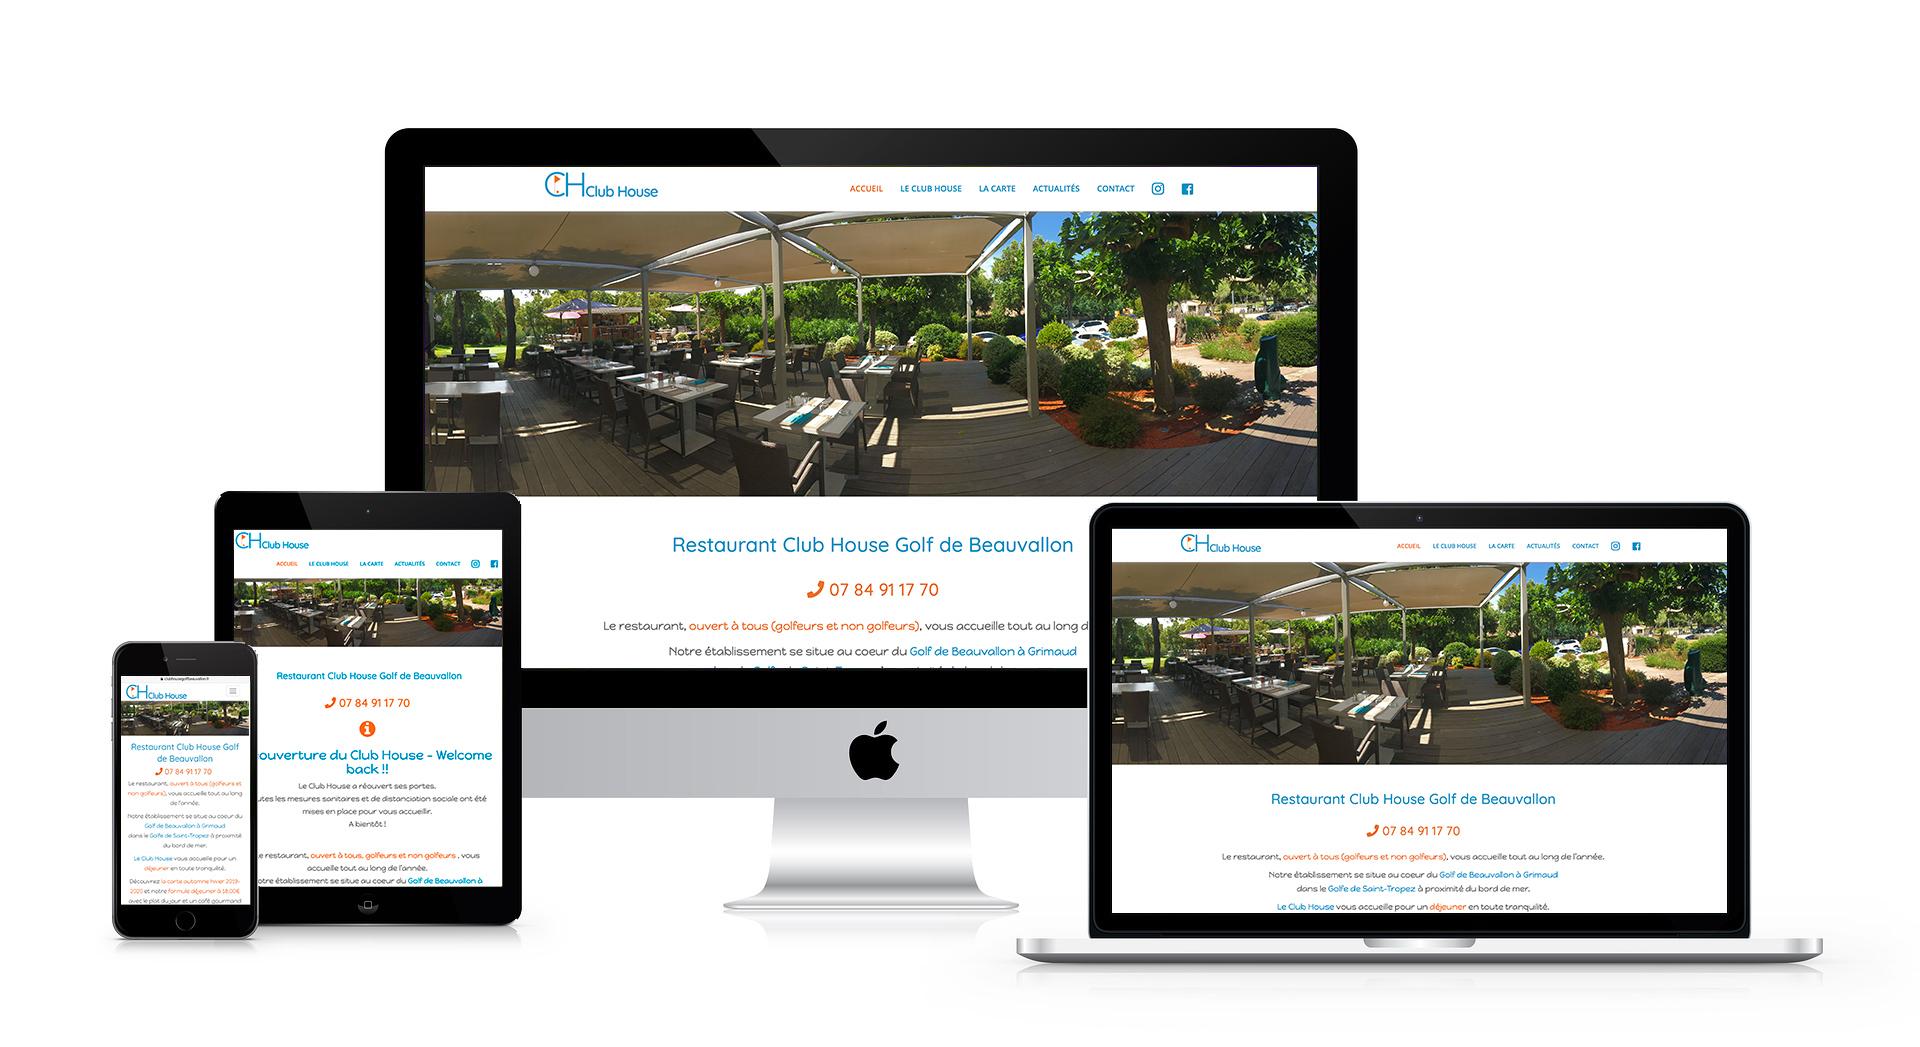 digykan services webdesign visuels portfolio - communication digitale webdesign identité visuelle golfe de Saint-Tropez